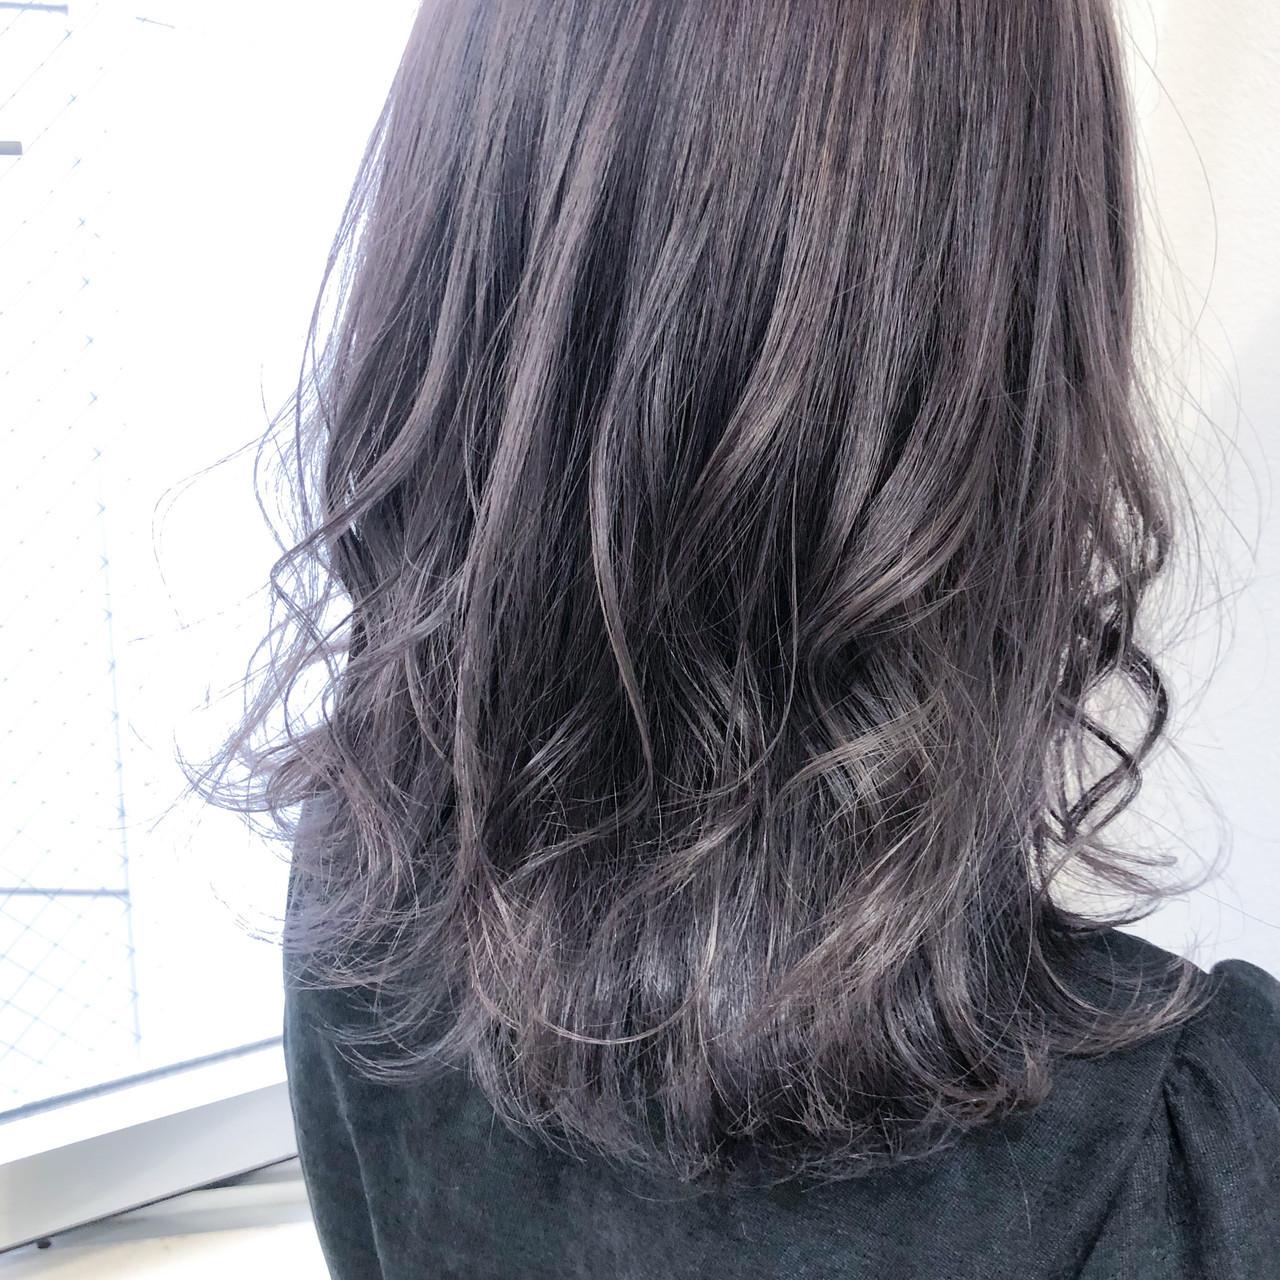 巻き髪 ストリート セミロング ラベンダーグレージュ ヘアスタイルや髪型の写真・画像